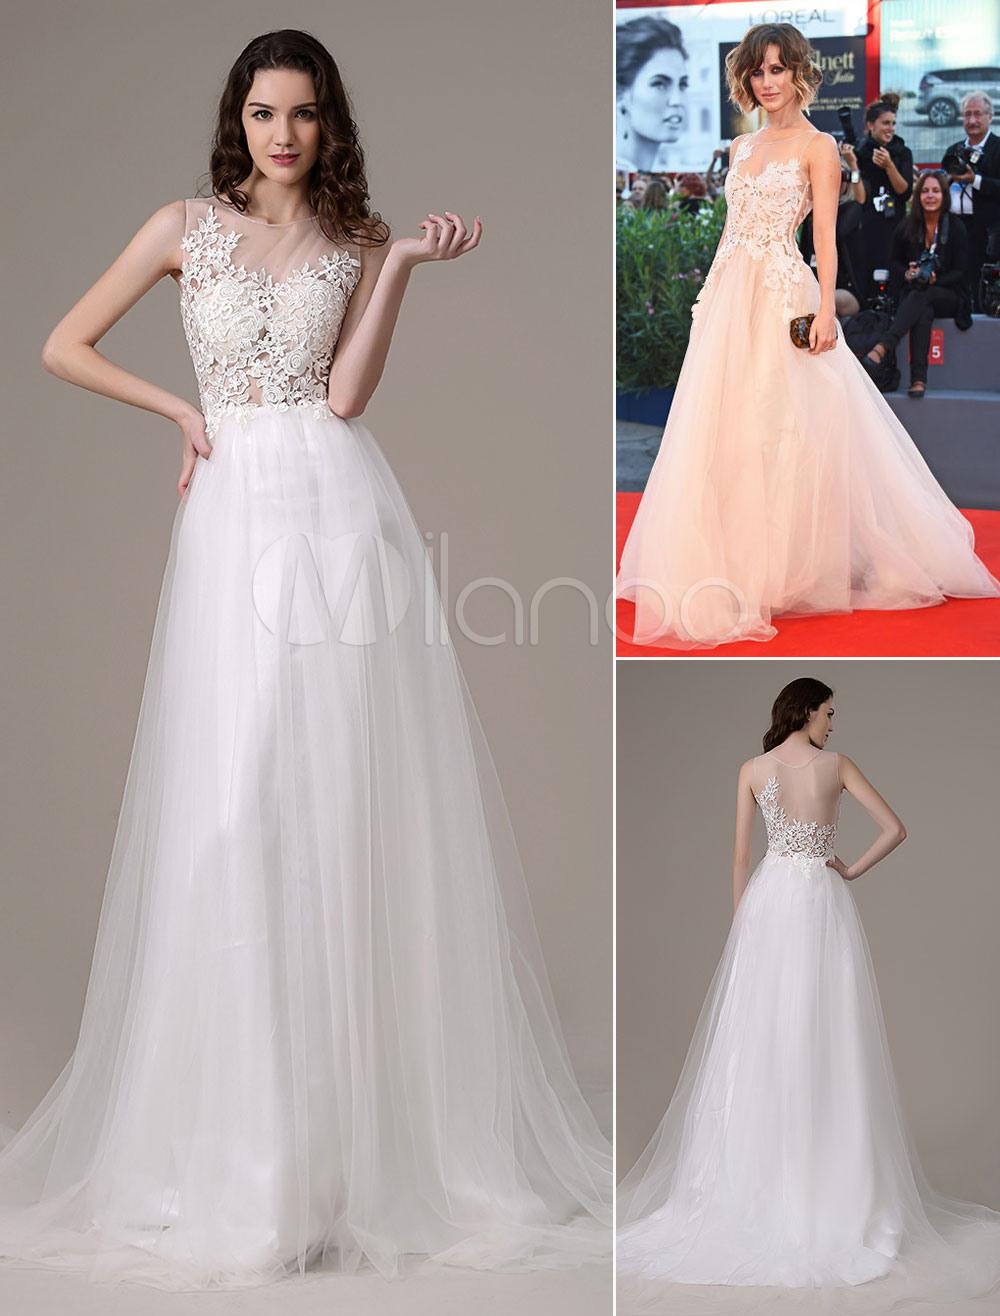 Ausgezeichnet Abend Kleid In Weiss GalerieAbend Luxurius Abend Kleid In Weiss Ärmel